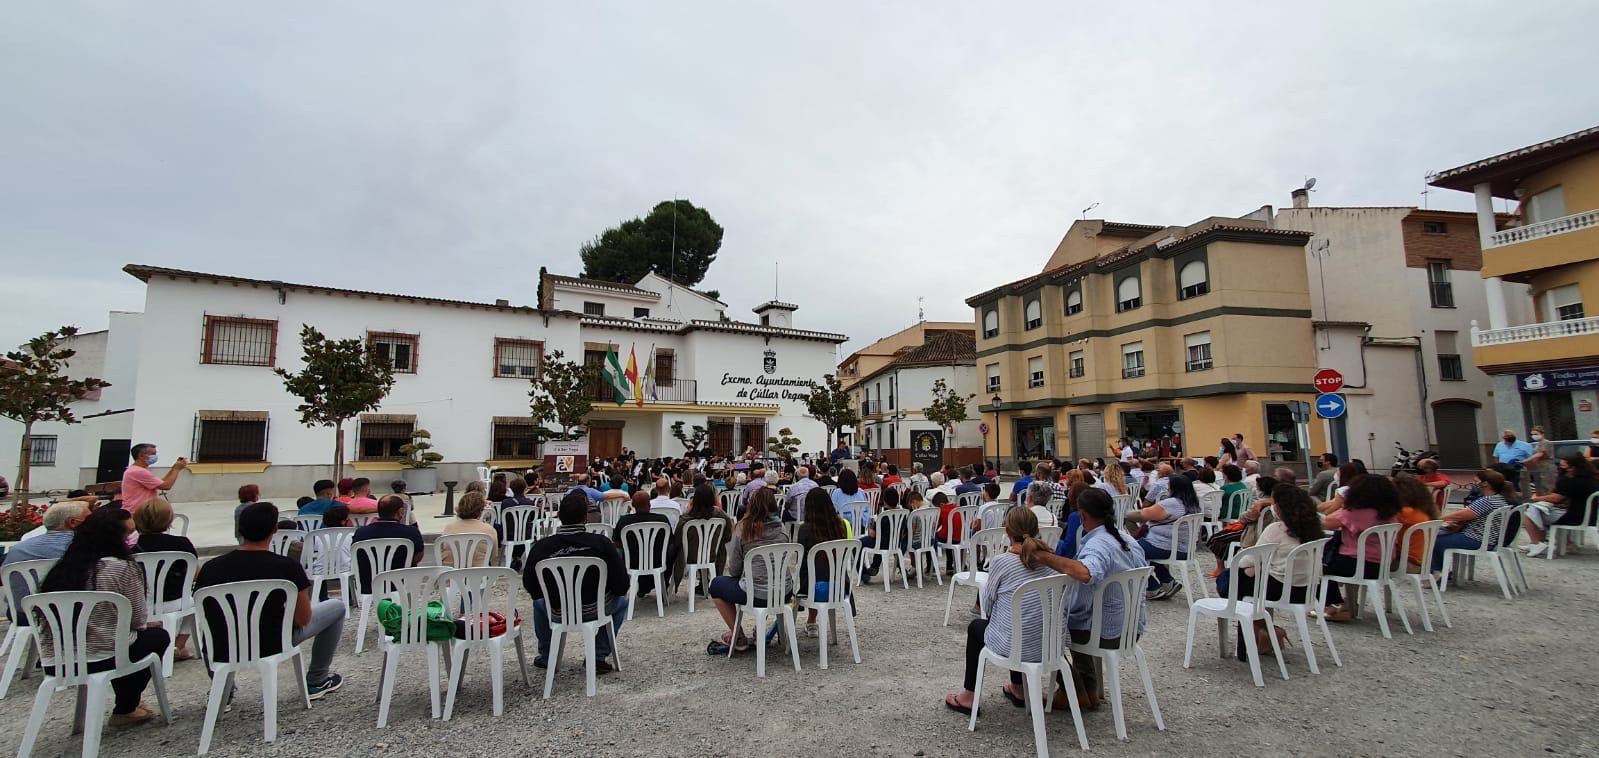 Éxito de público en el regreso de las actividades culturales a Cúllar Vega